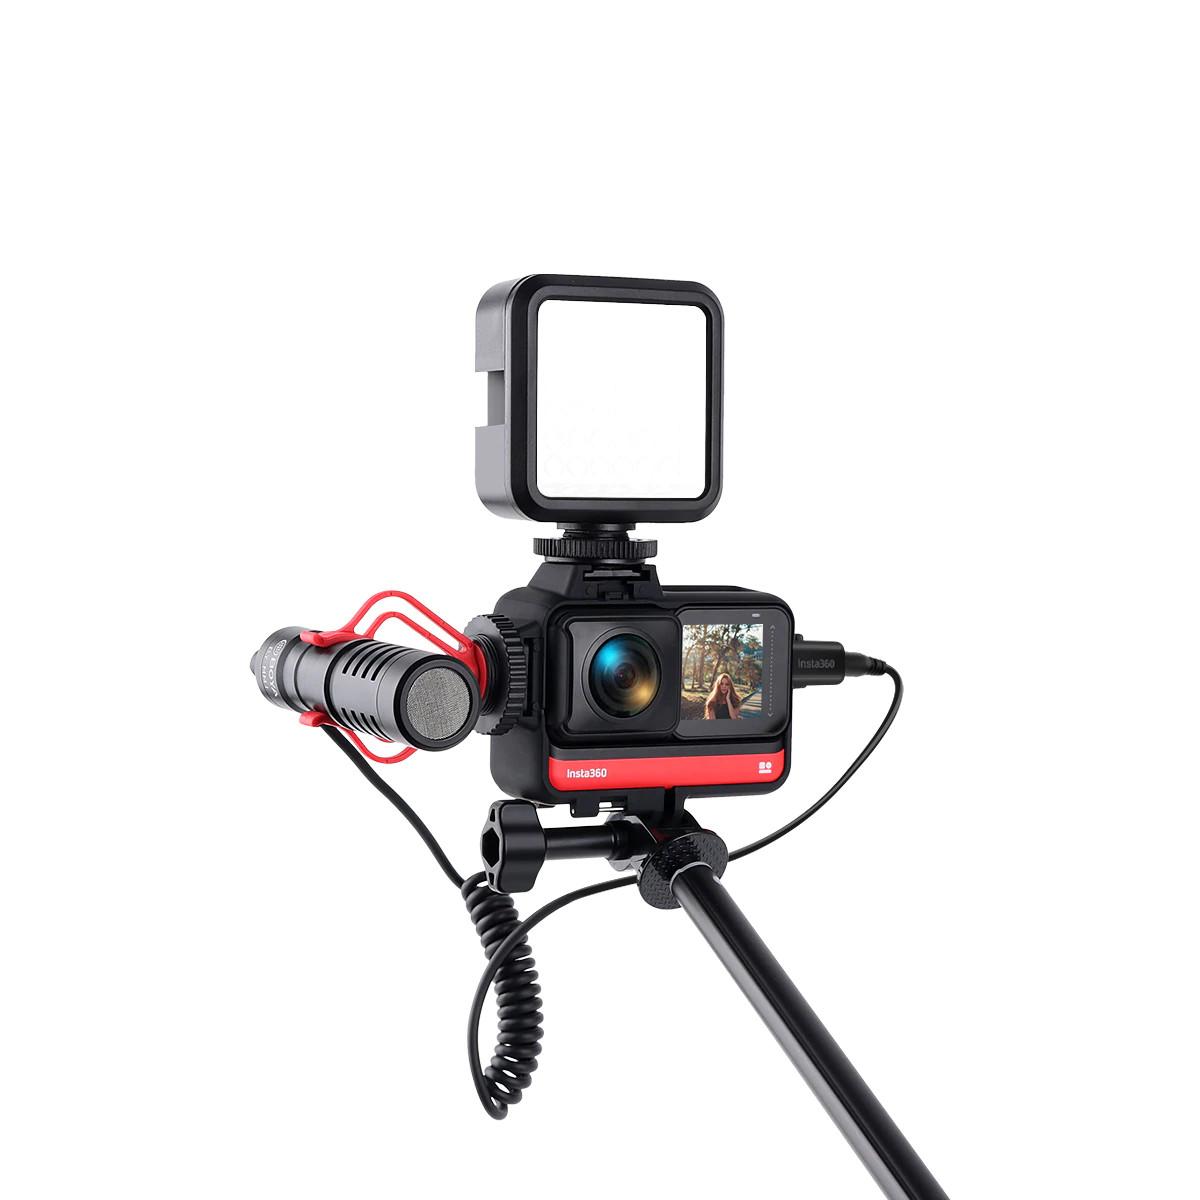 изображение рамки Insta360 One R с креплением для микрофона